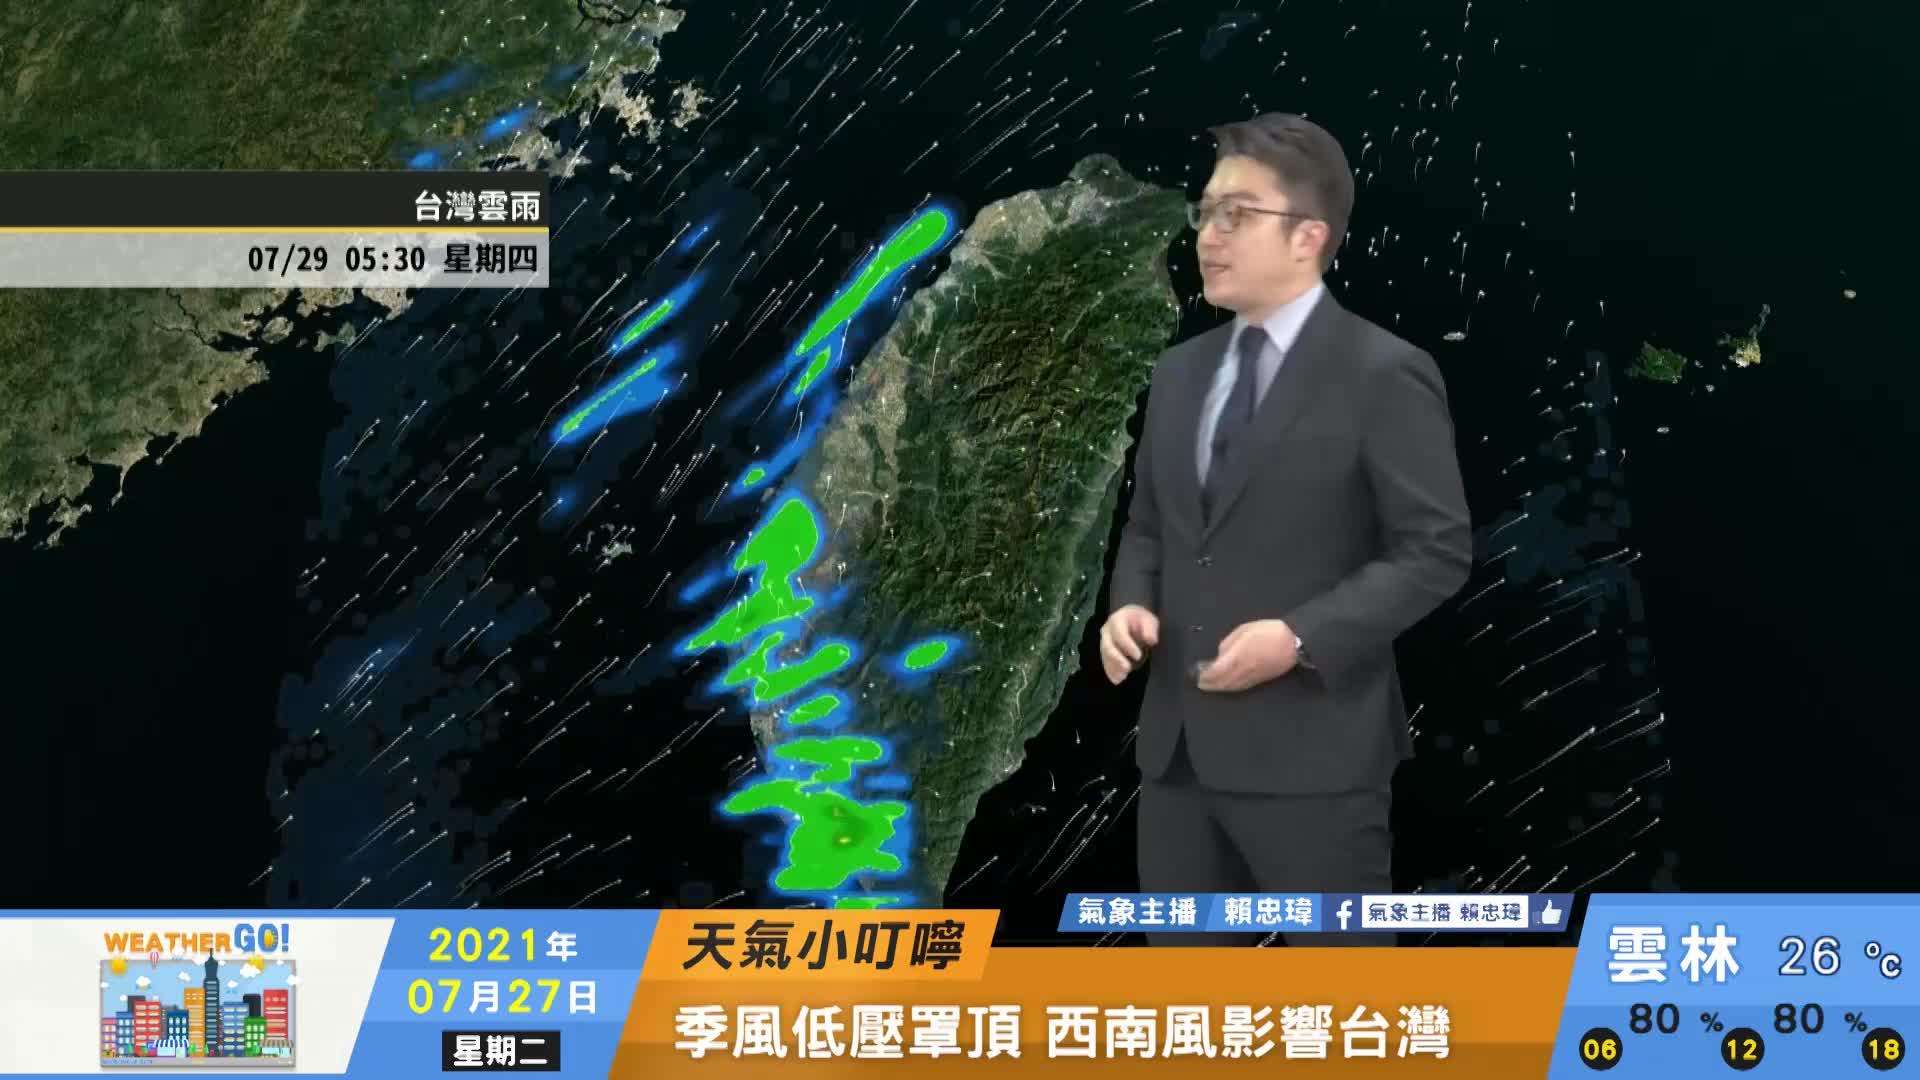 一分鐘報天氣 /週三(07/28日) 周三西南風漸增強 考生留意陣雨北防高溫